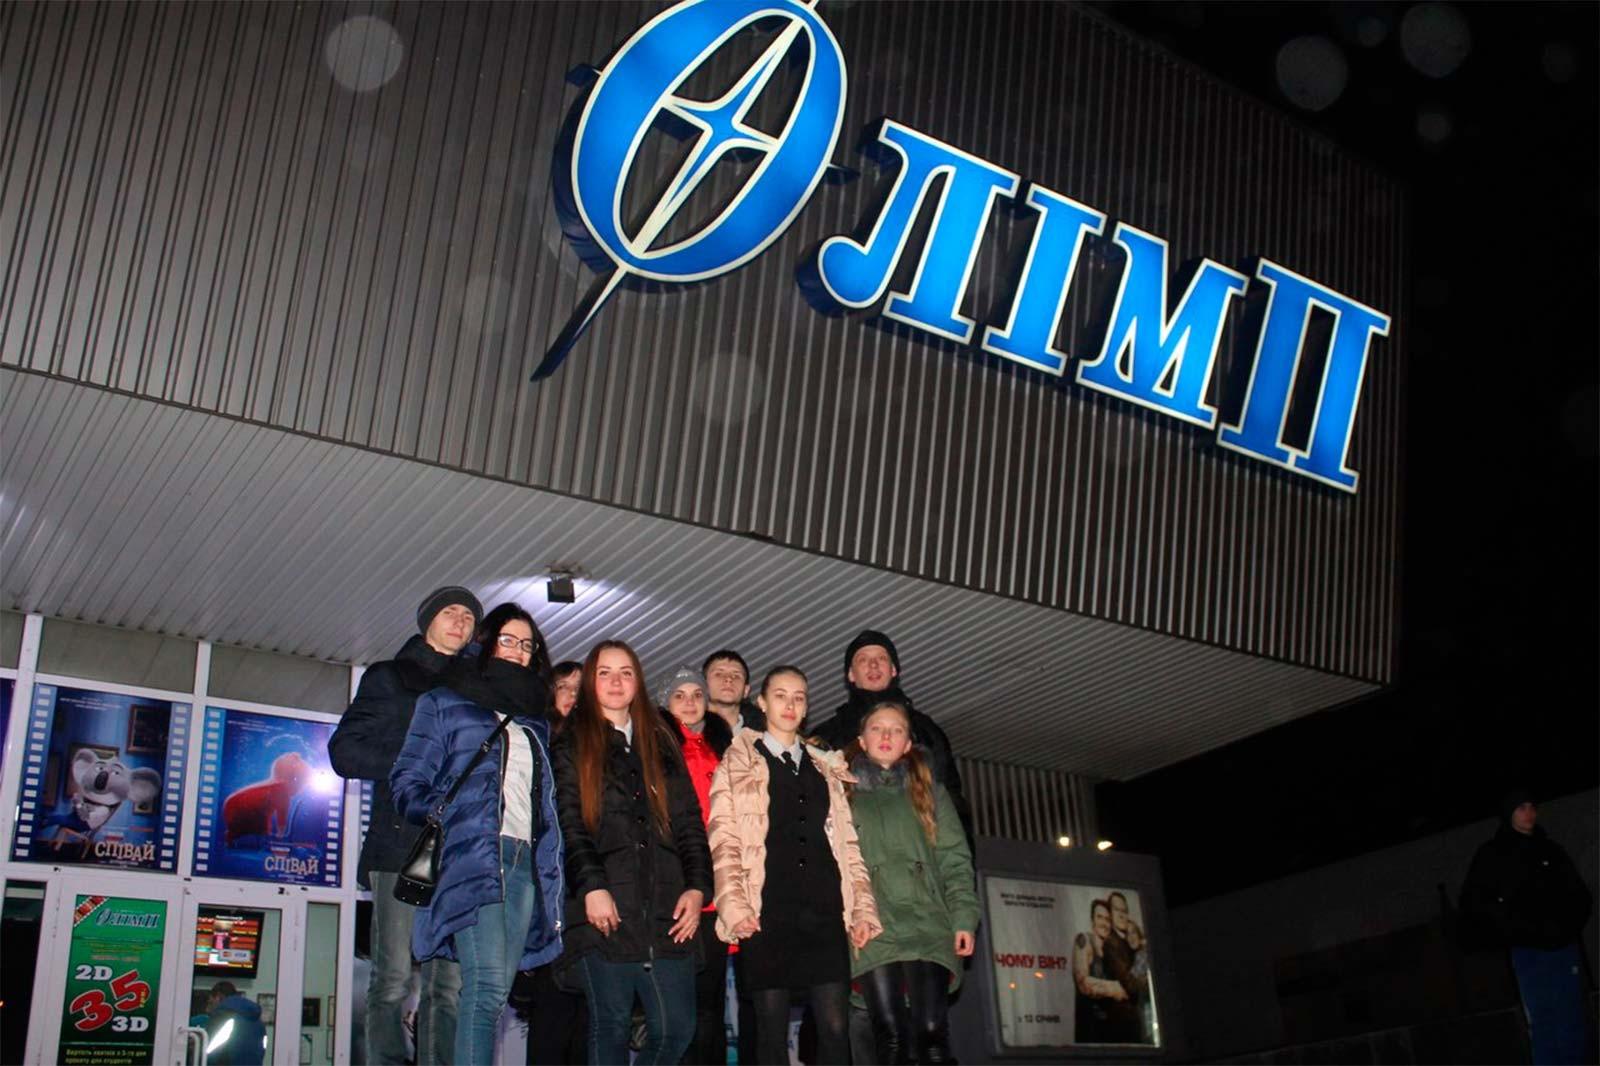 Студенти КФДДУВС переглянули документальний фільм «Воїни духу», трансляція якого відбулася у кінотеатрі «Олімп»